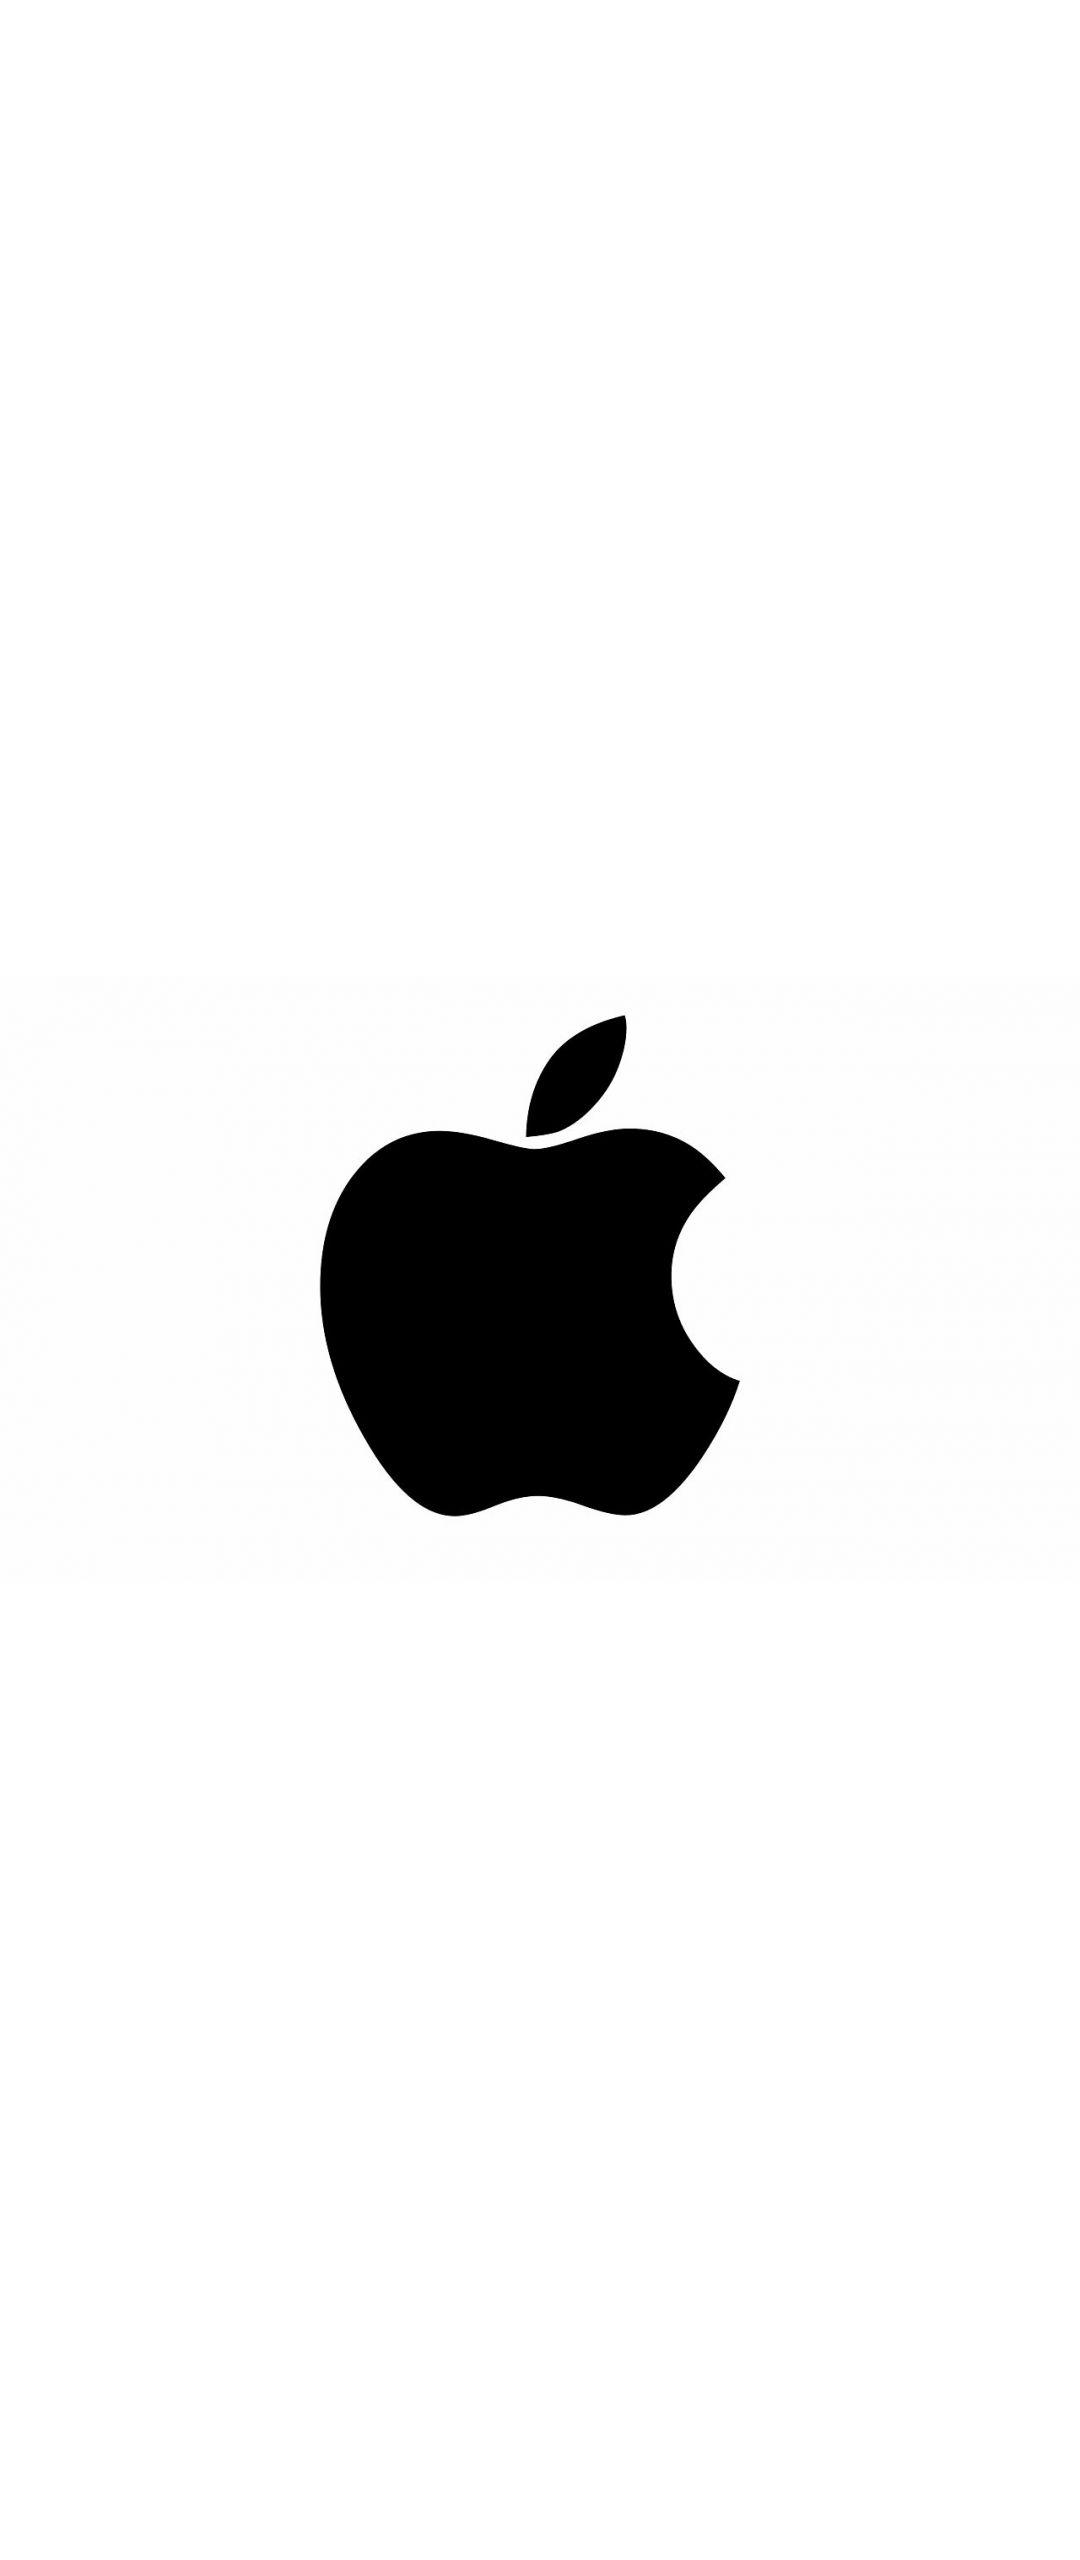 Apple cambiaría su paleta de colores para el iPhone 7